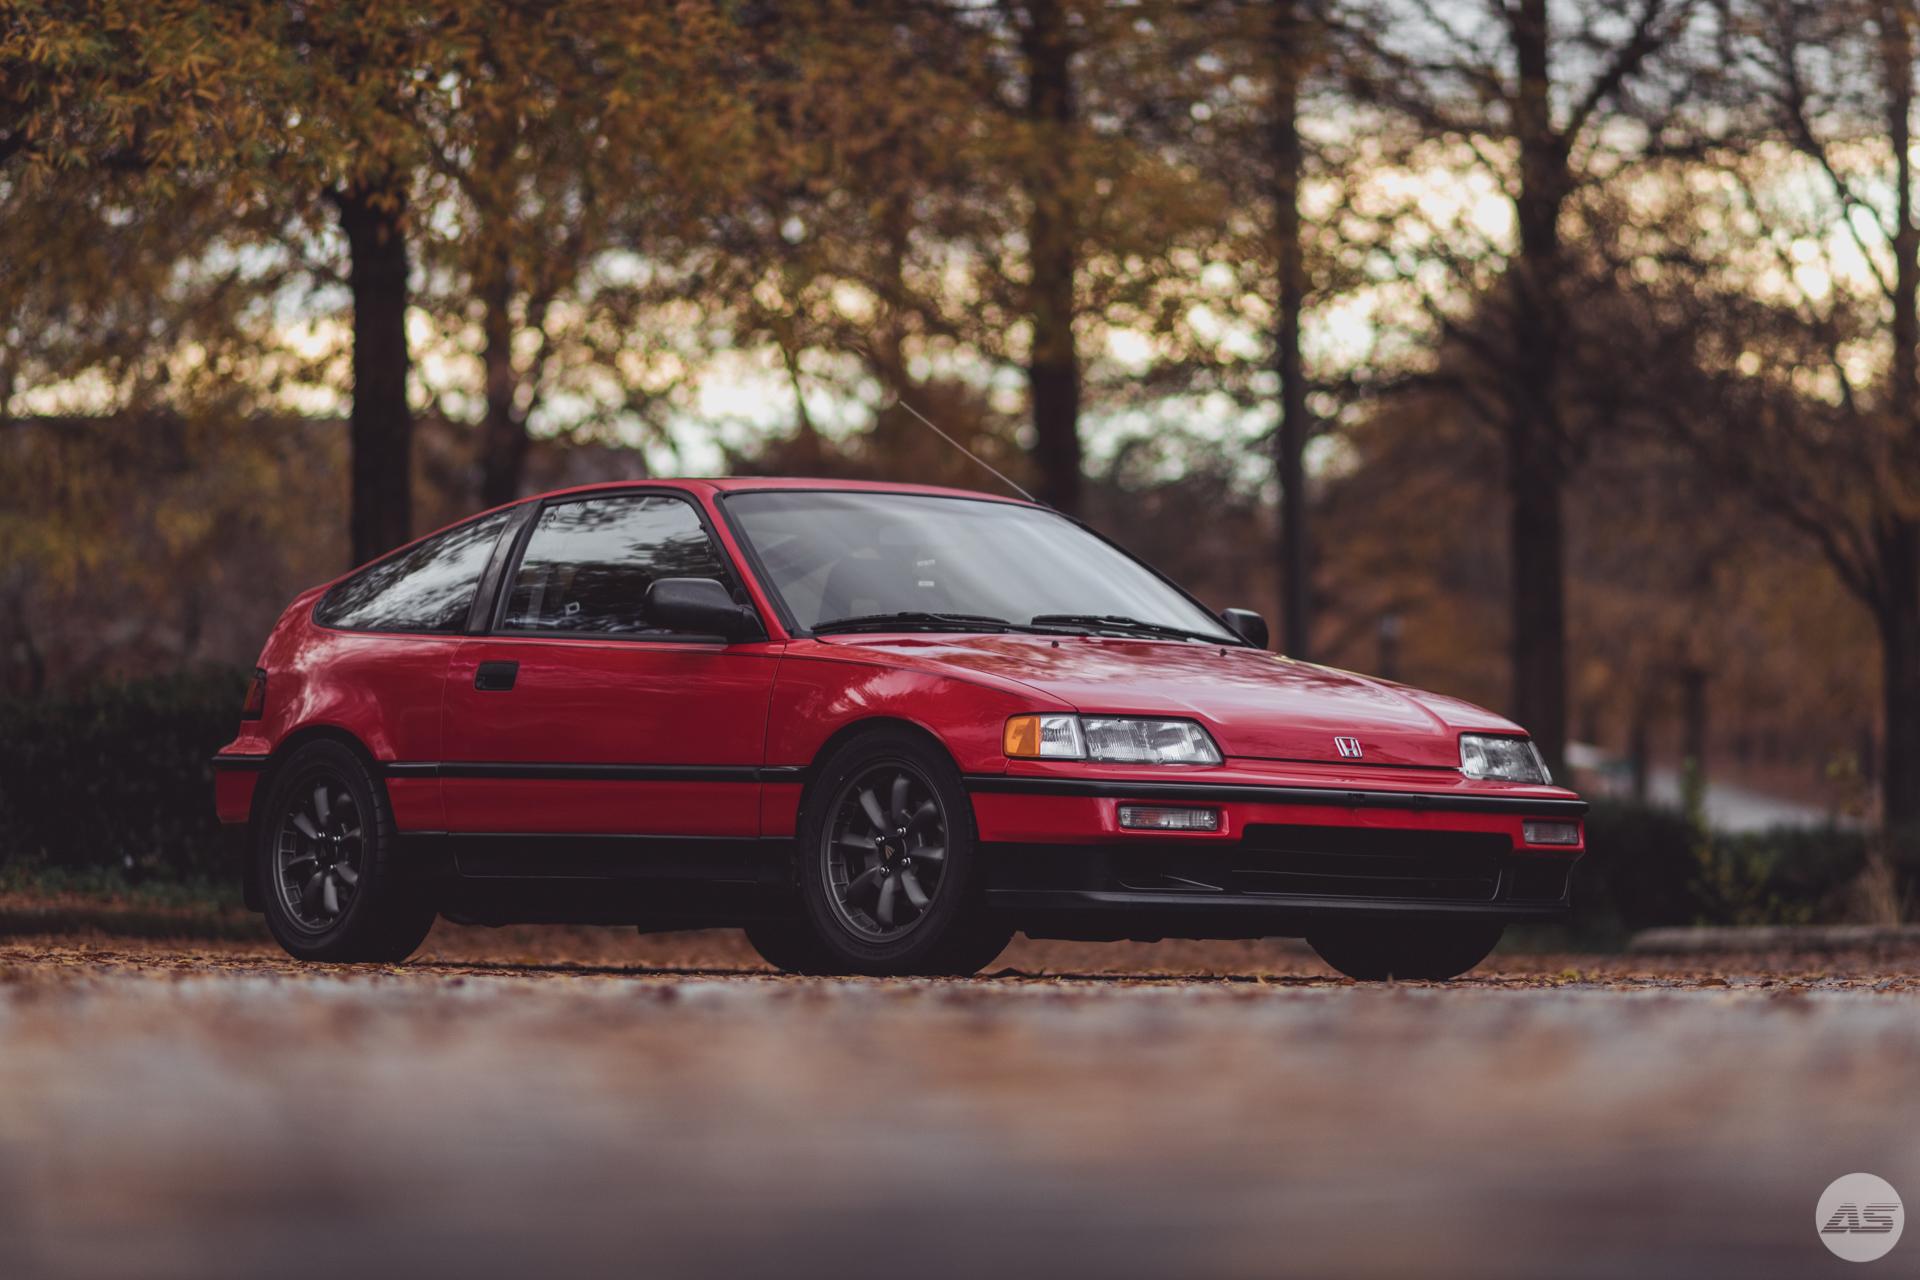 488549 - Arnold's 1990 Honda CRX SiMacon, GA | December 2018